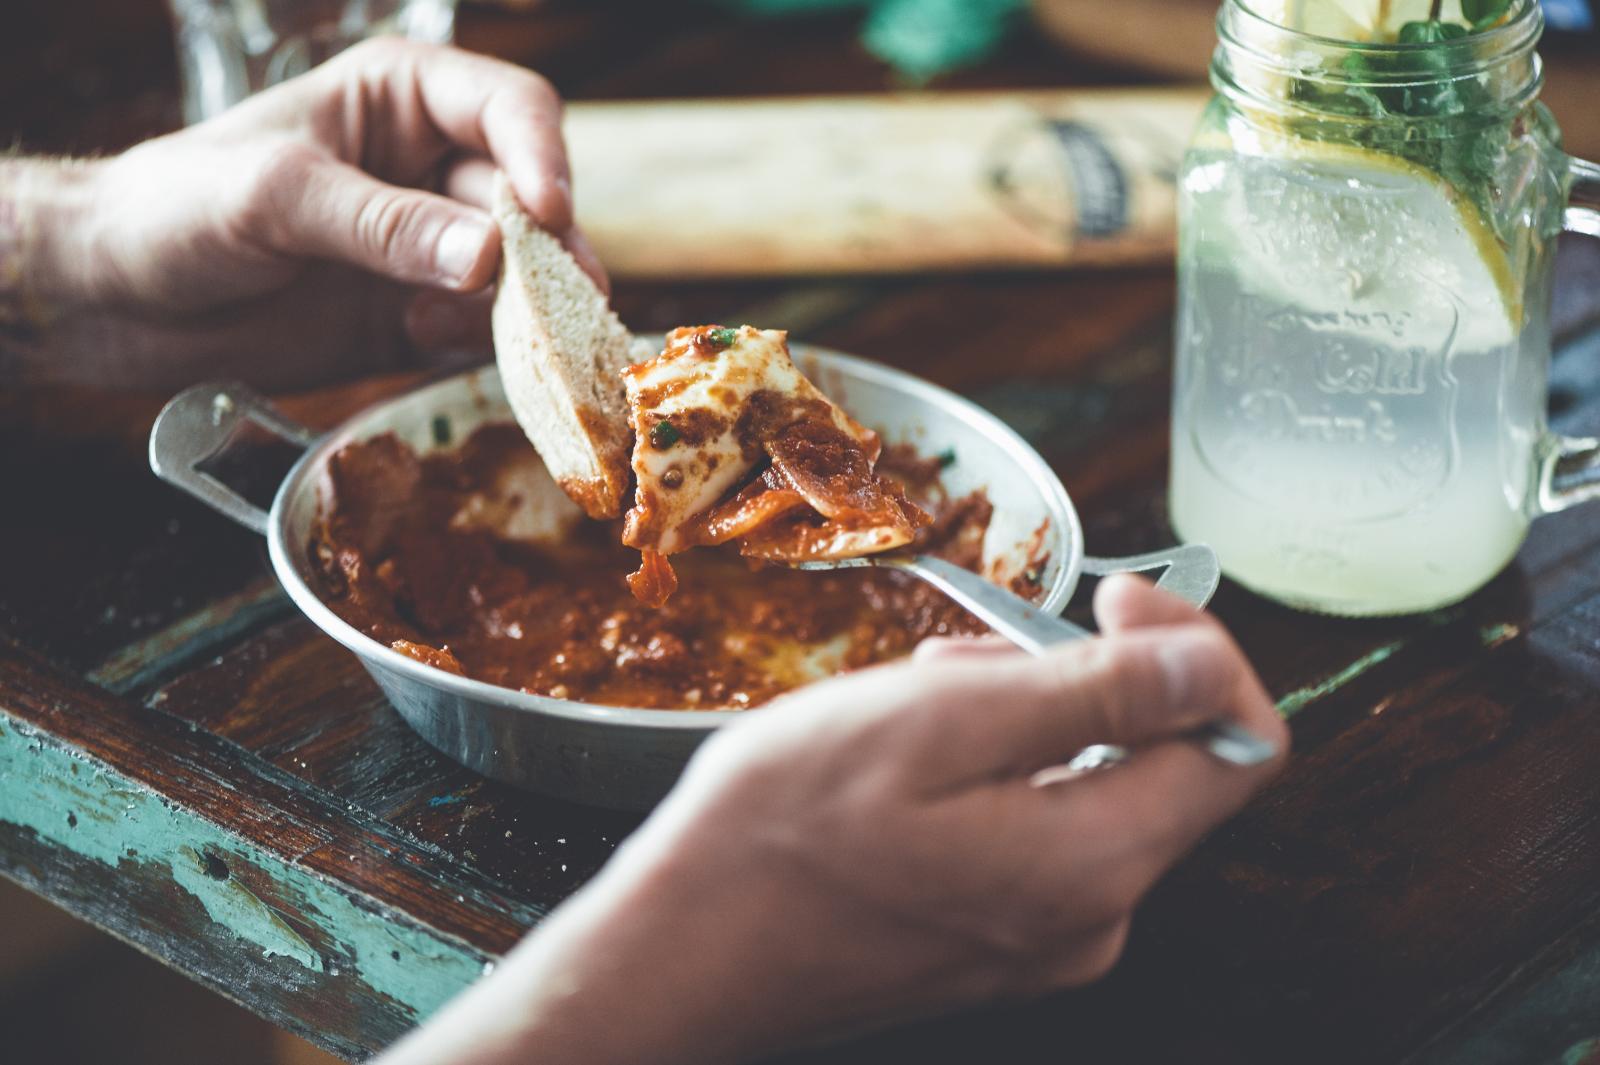 Hrana bogata ugljikohidratima i masnoćama trebala bi se čim rijeđe naći na tanjuru.